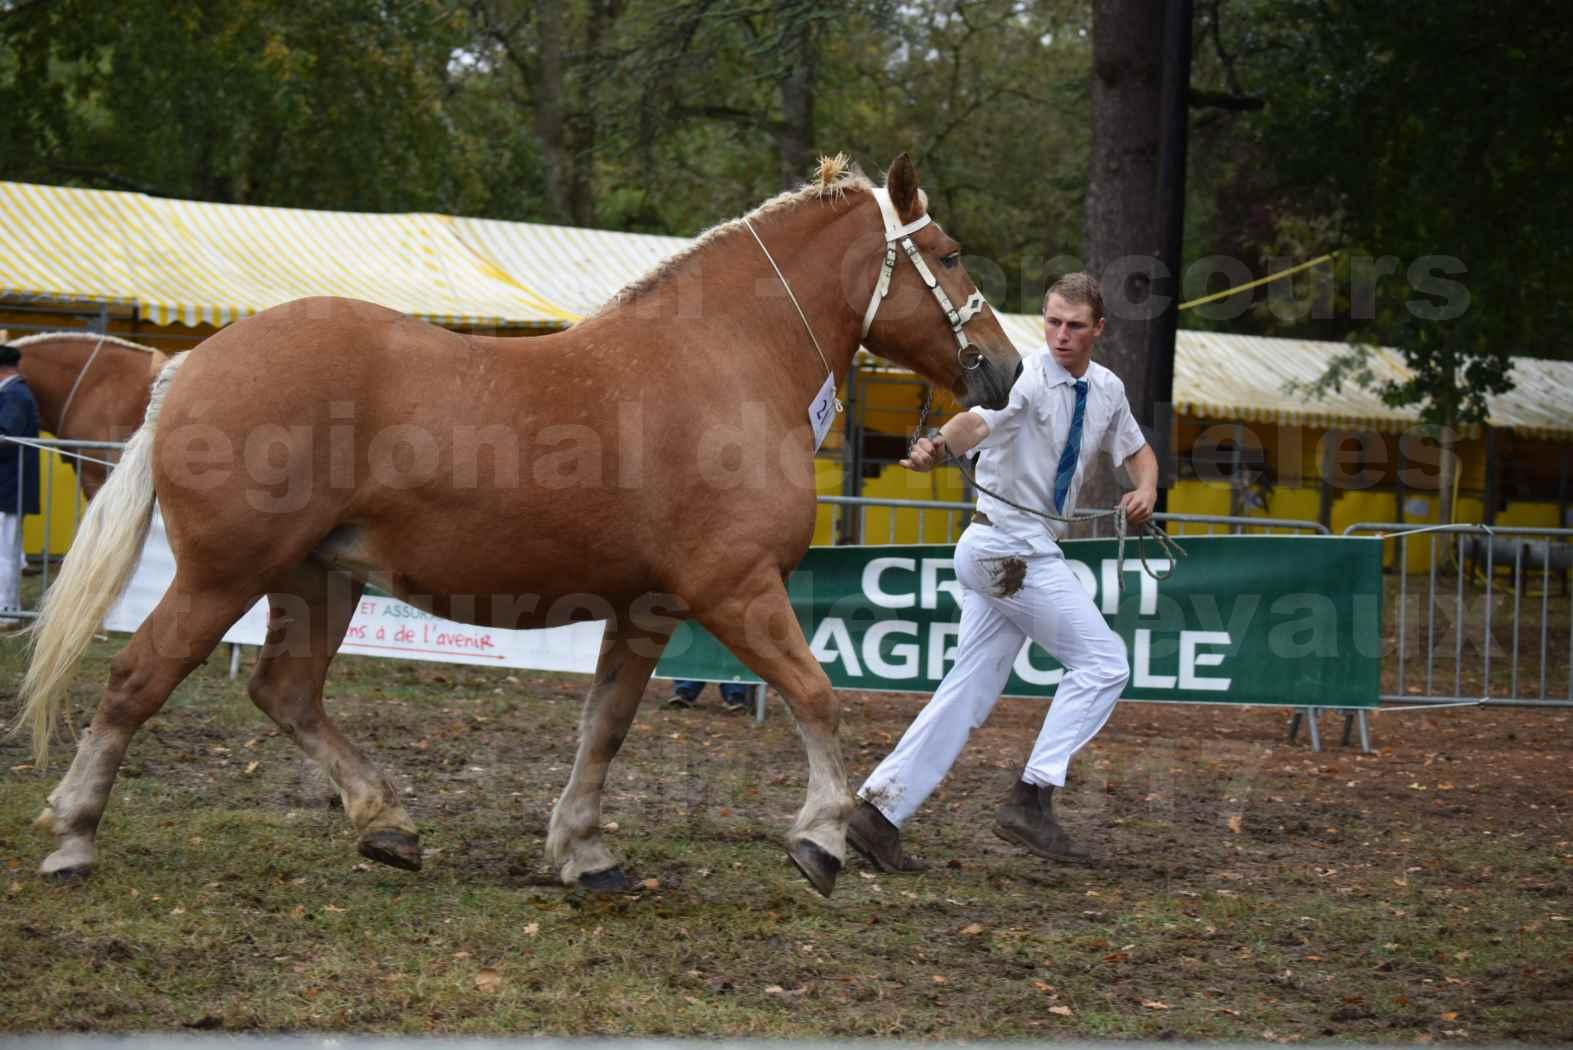 Concours Régional de chevaux de traits en 2017 - Pouliche Trait COMTOIS - EGLANTINE 28 - 18